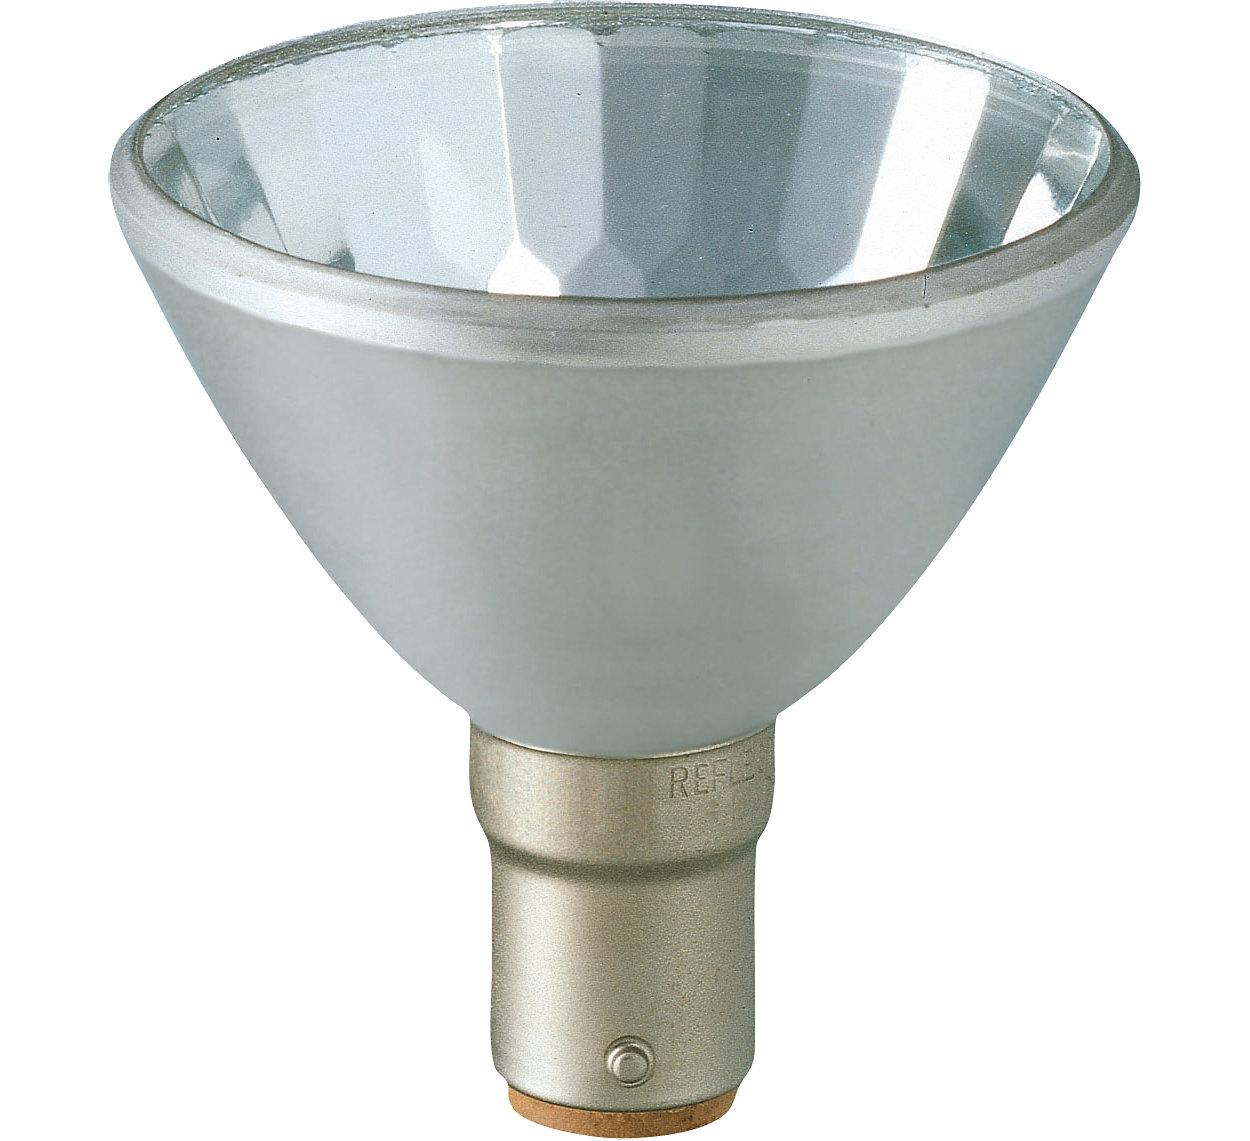 Spot med klart halogenlys fra den stilfulde aluminiumsreflektor